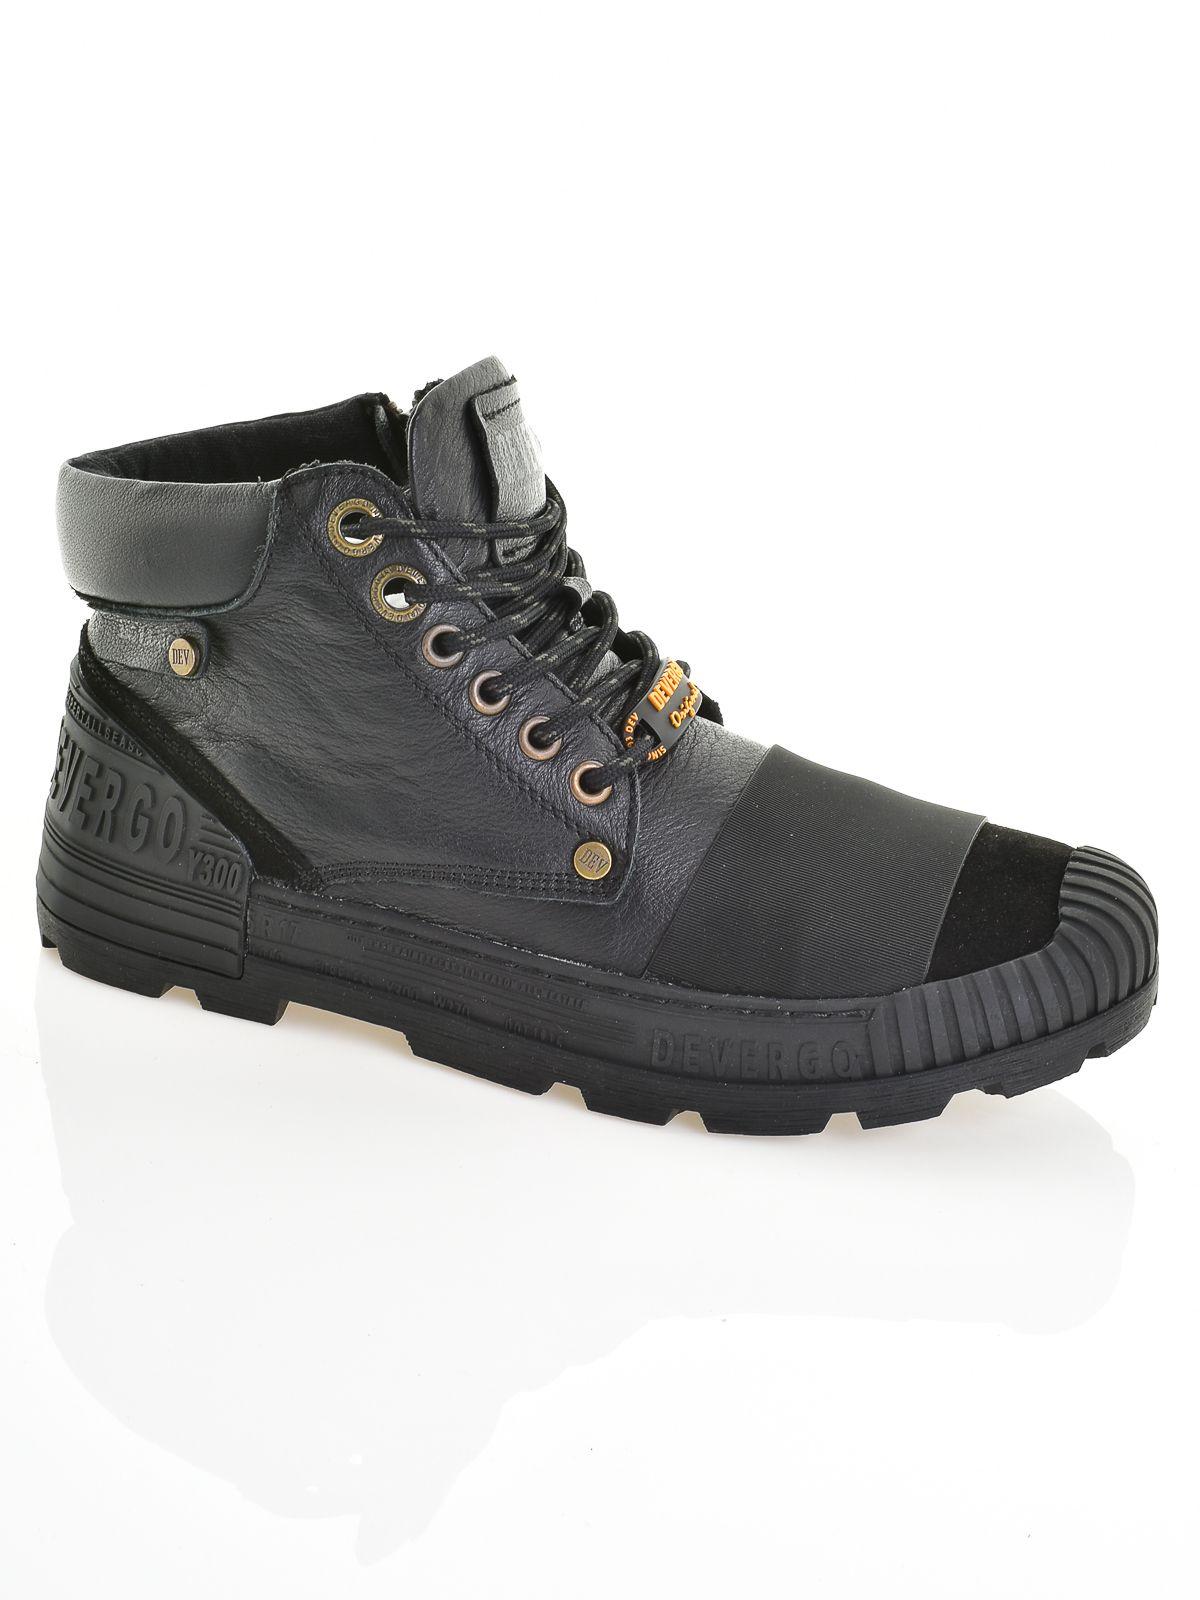 Férfi - Cipő - Utcai cipő Magas szárú cipő - Devergo  e6f0c981a7